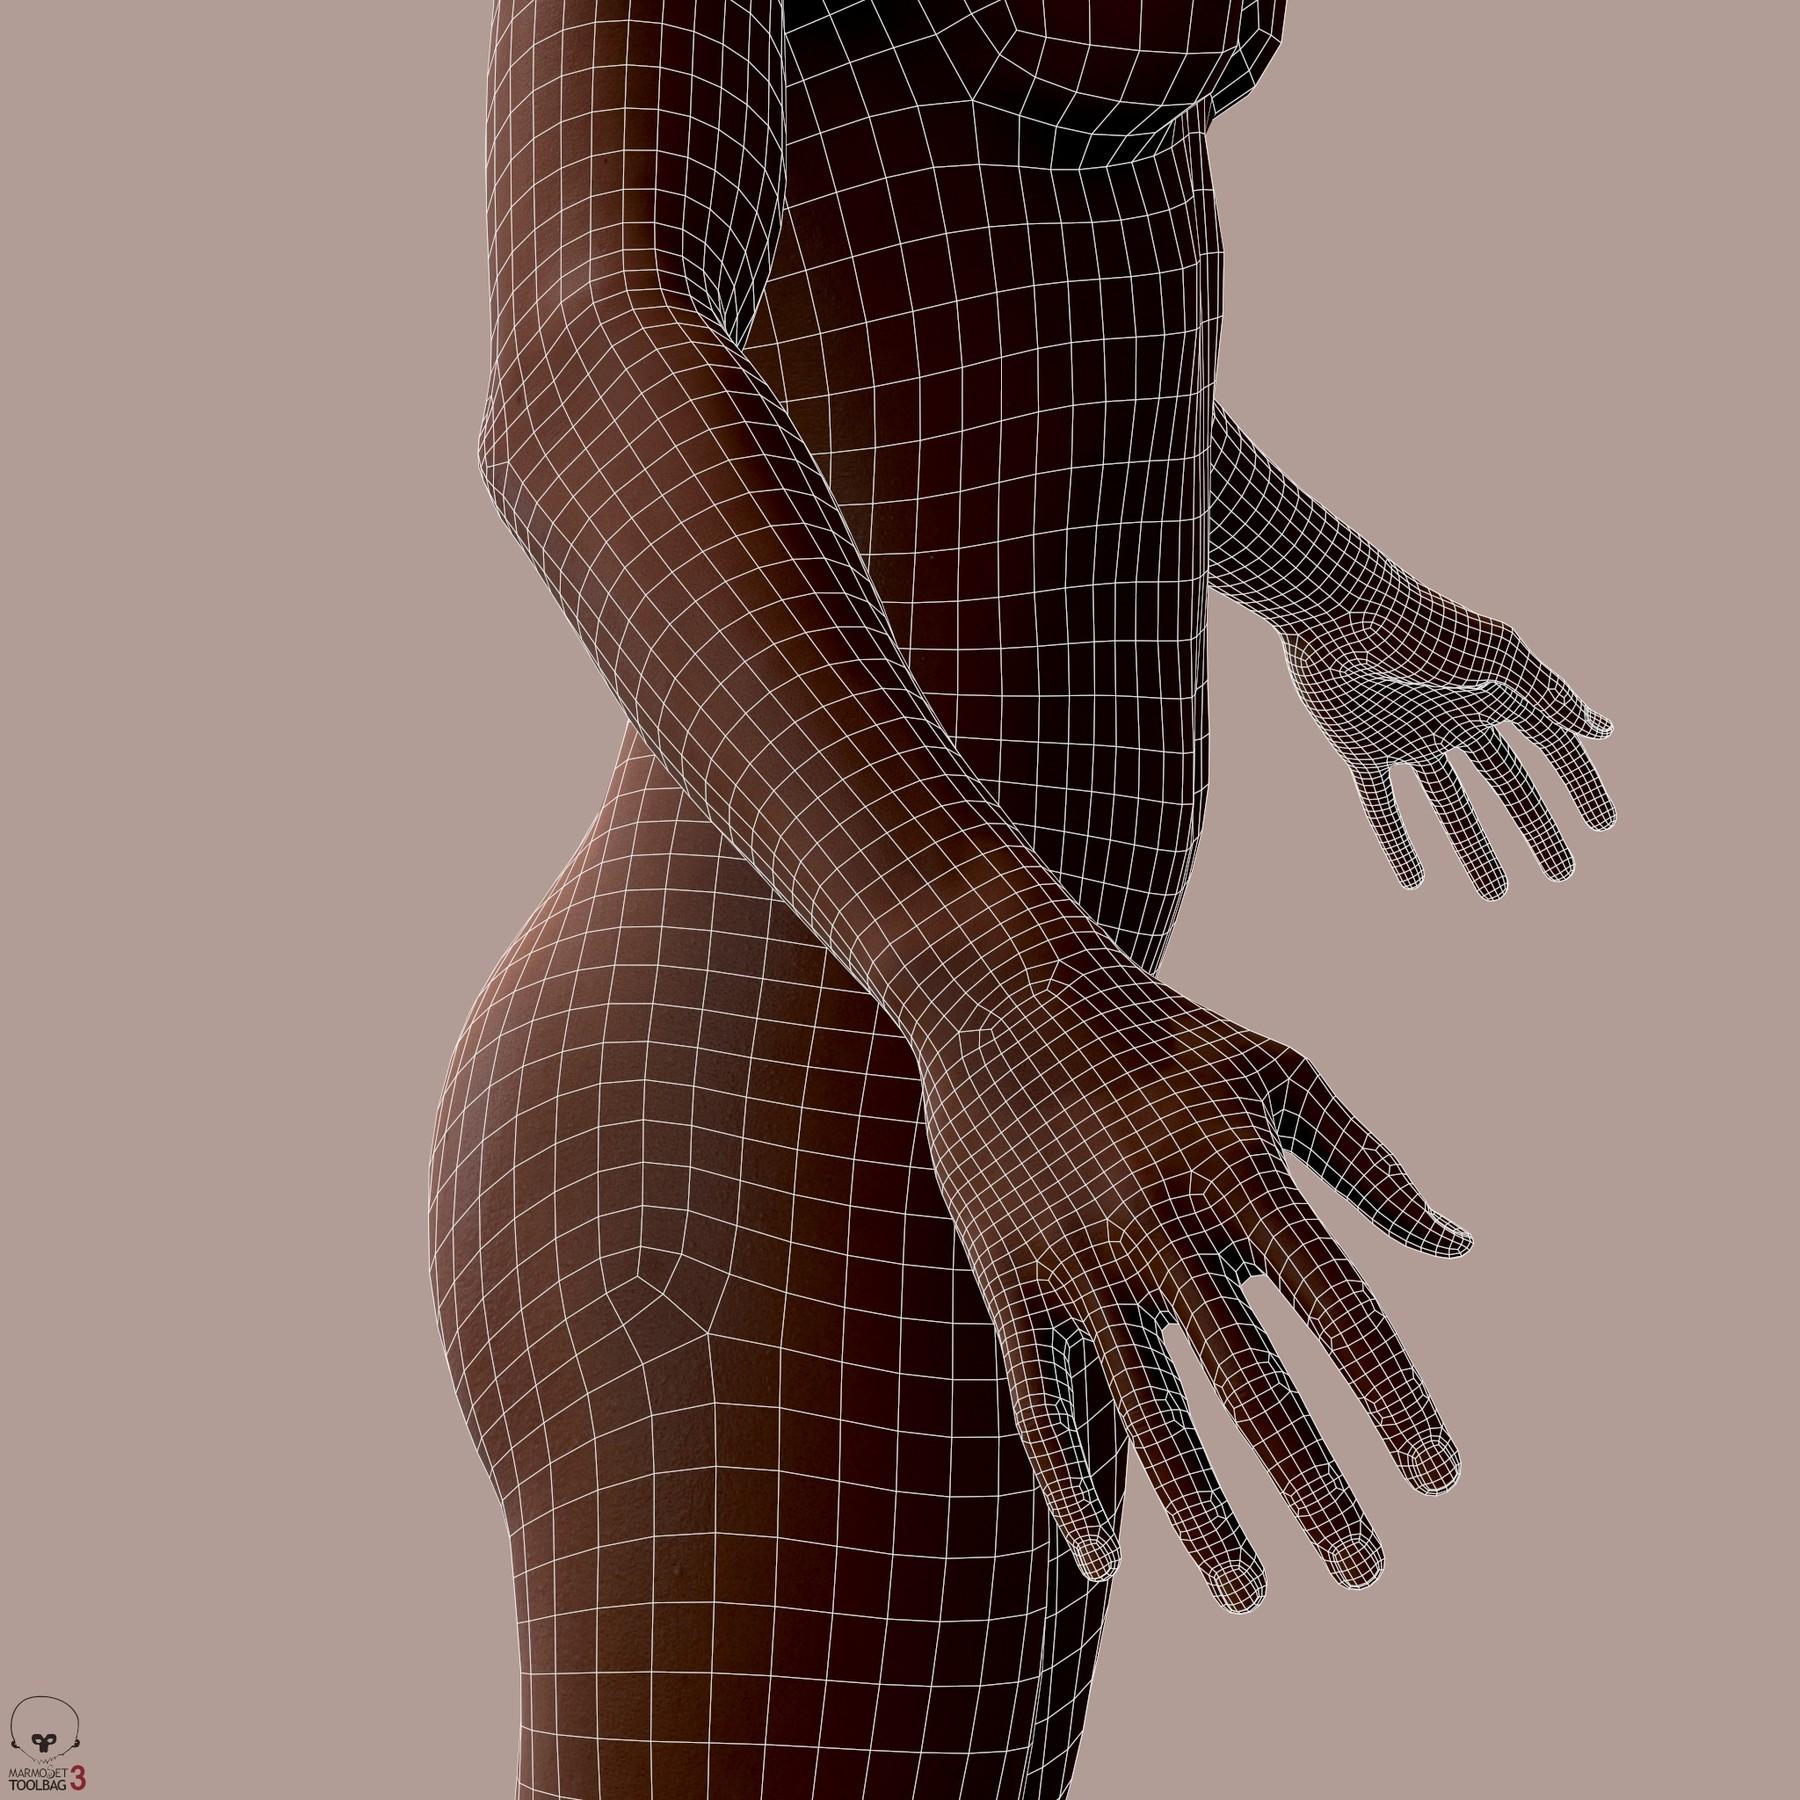 Averageblackfemalebody by alexlashko wires 05